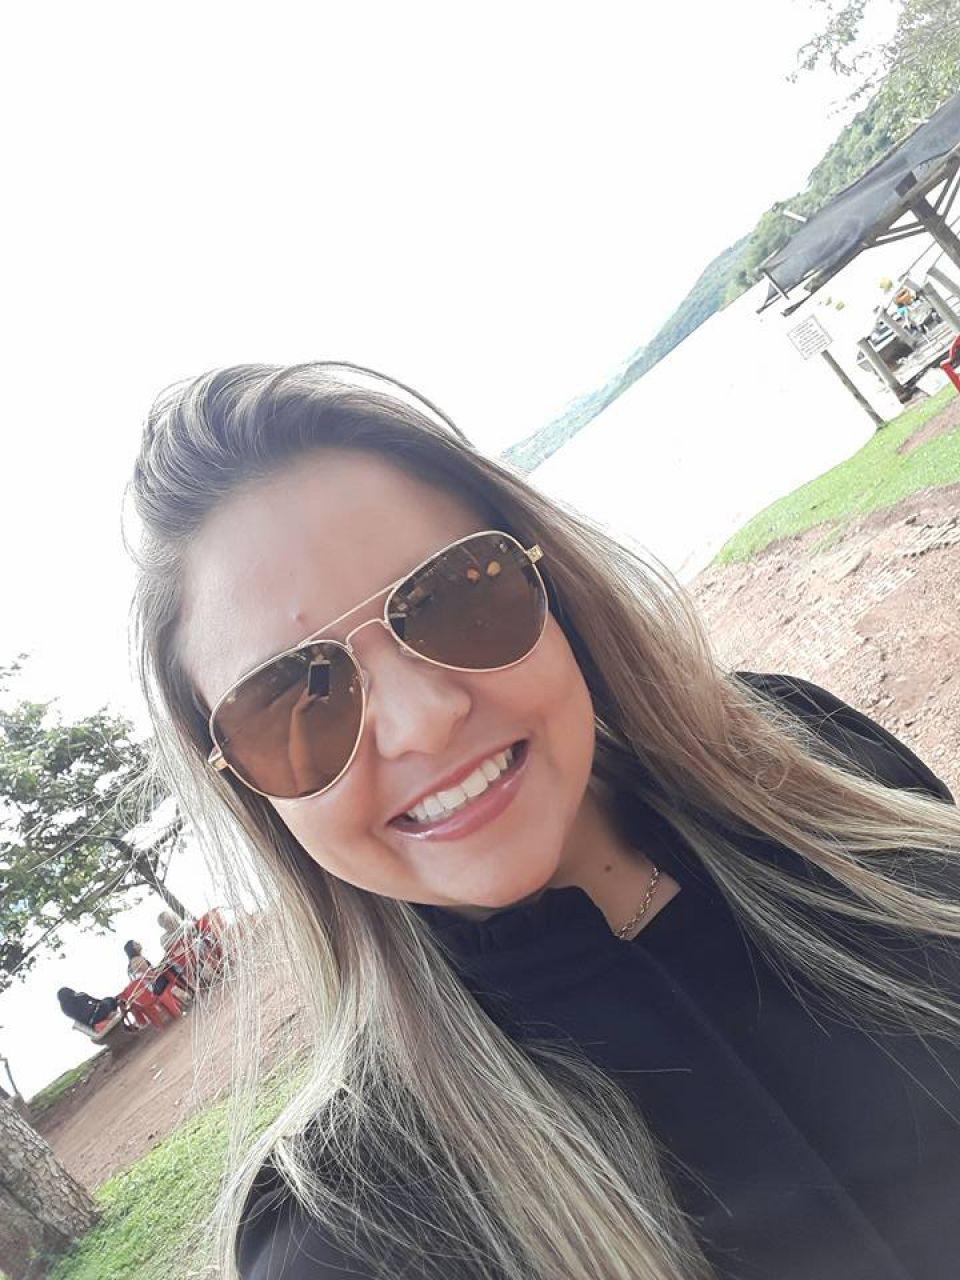 Patrocinense morre em Uberlândia após ser atropelada por condutor embriagado; namorado permanece internado em estado grave